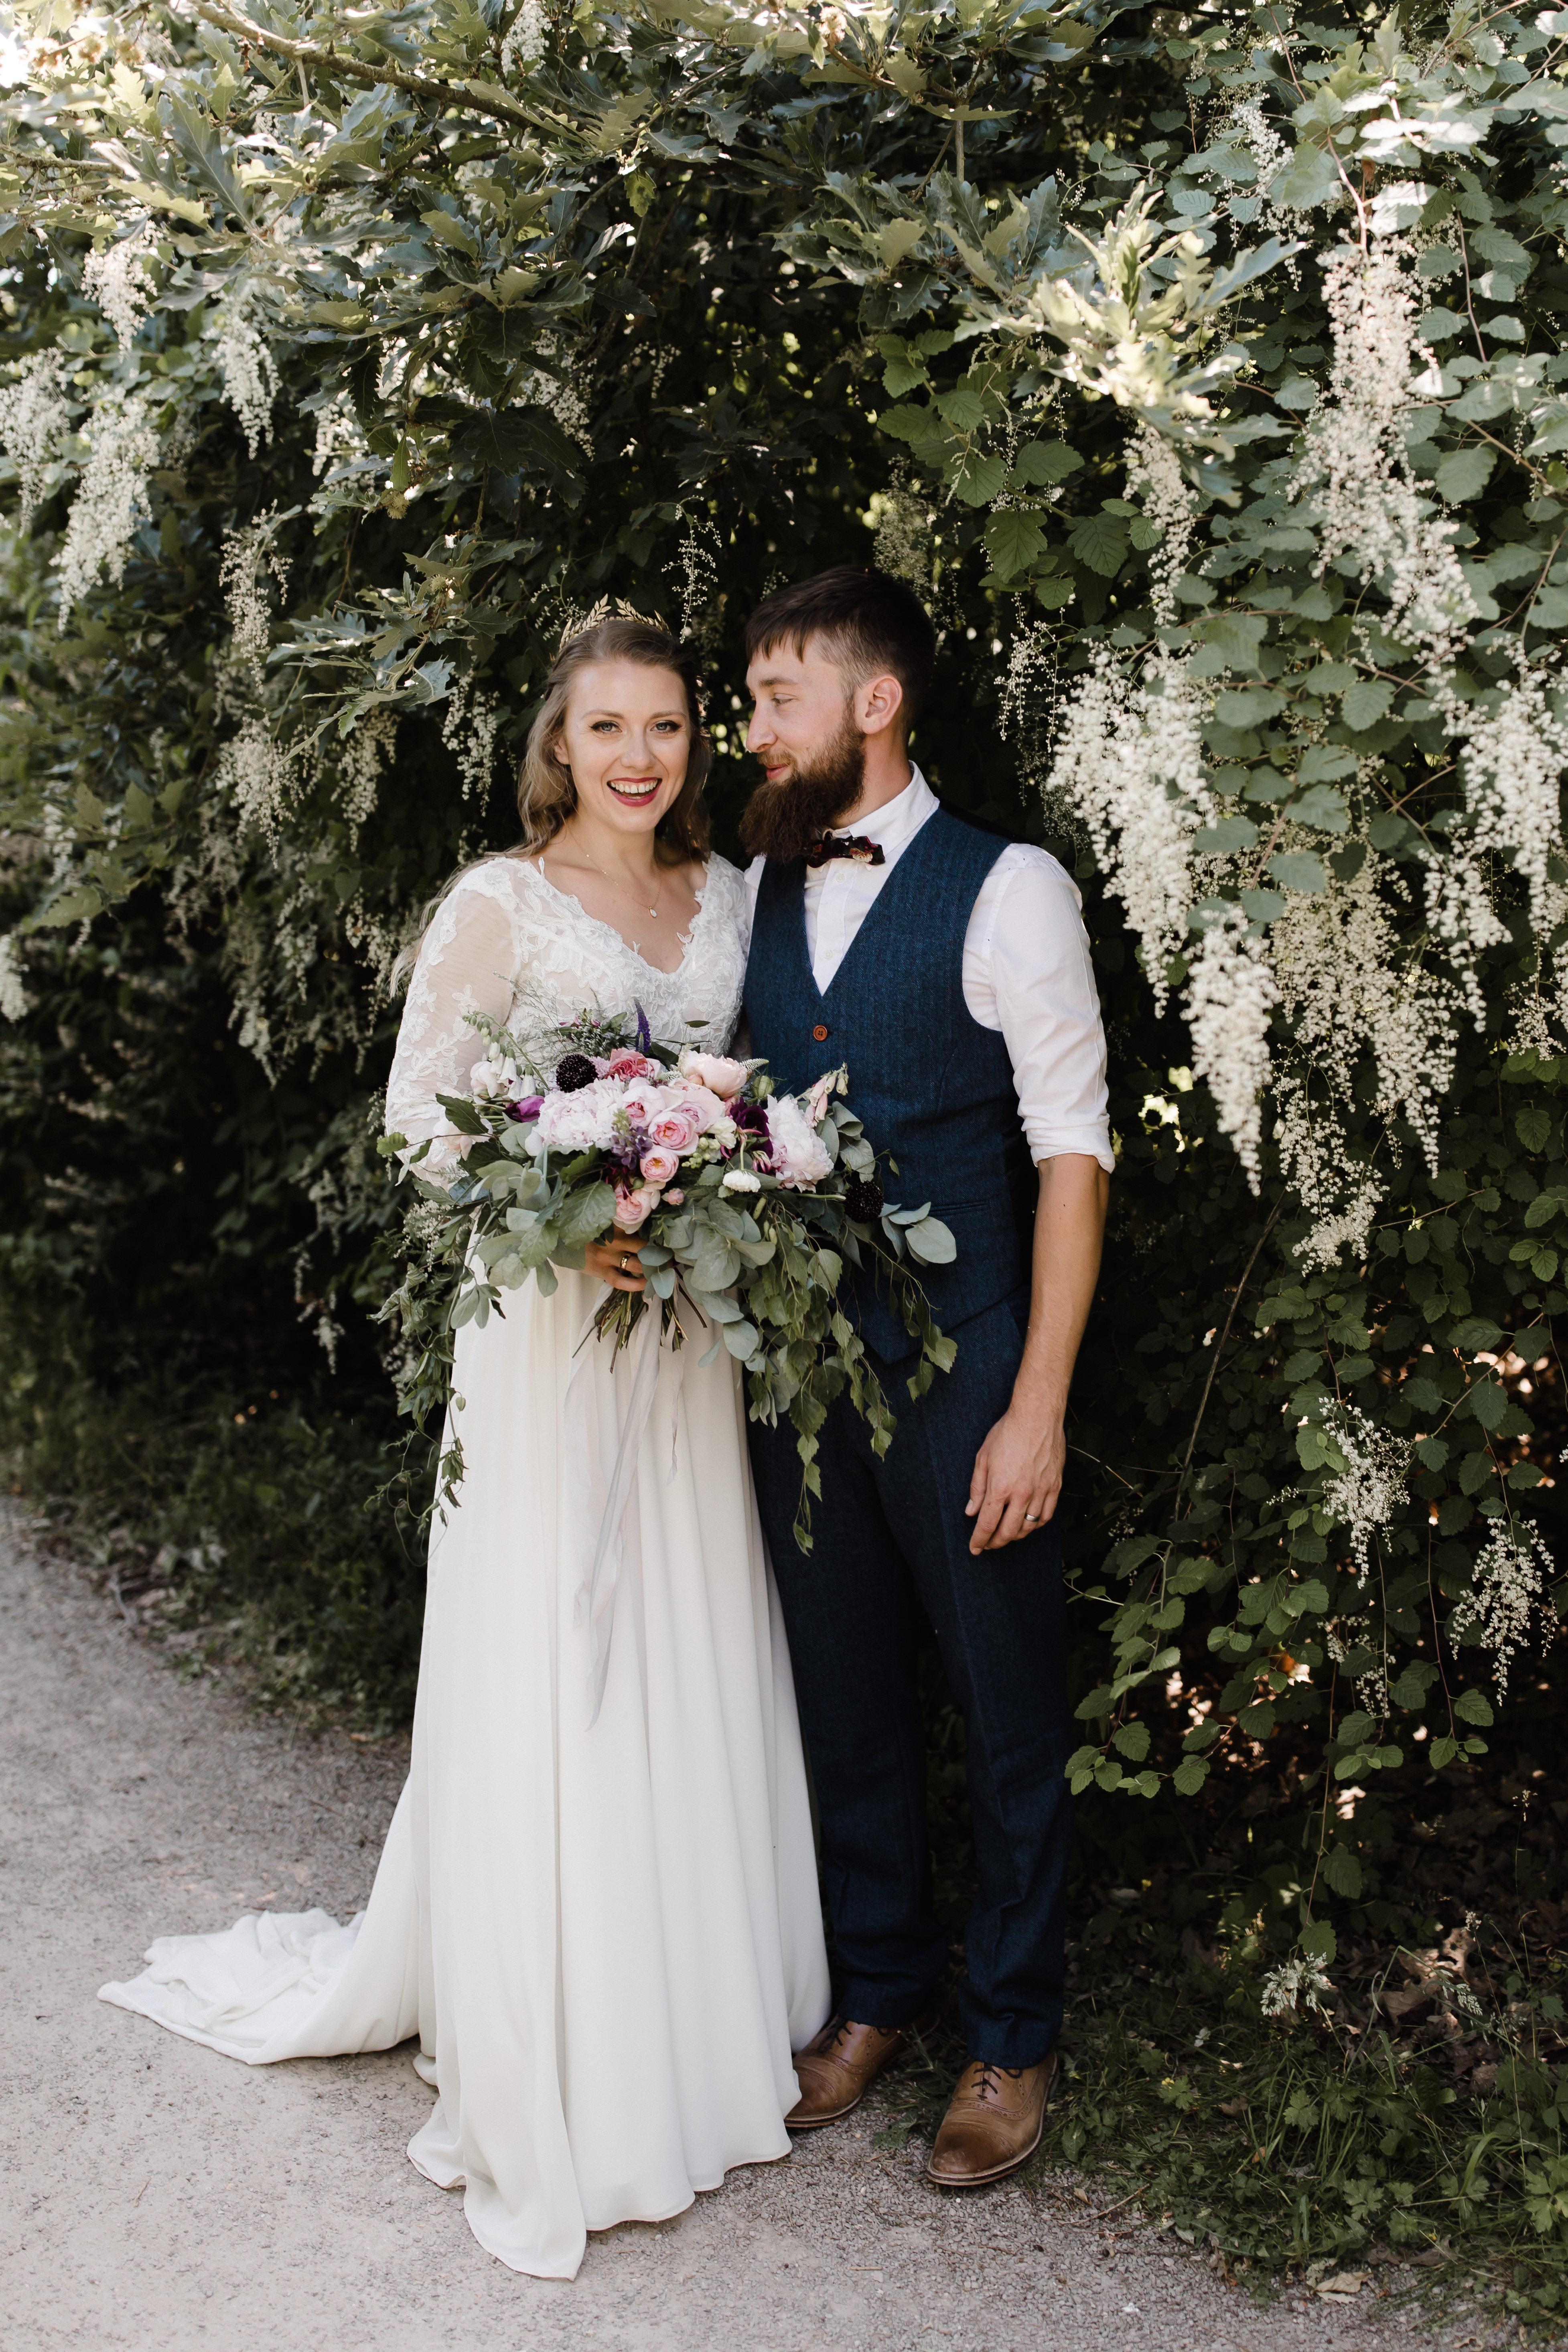 Real Bride wearing Cicily Bridal